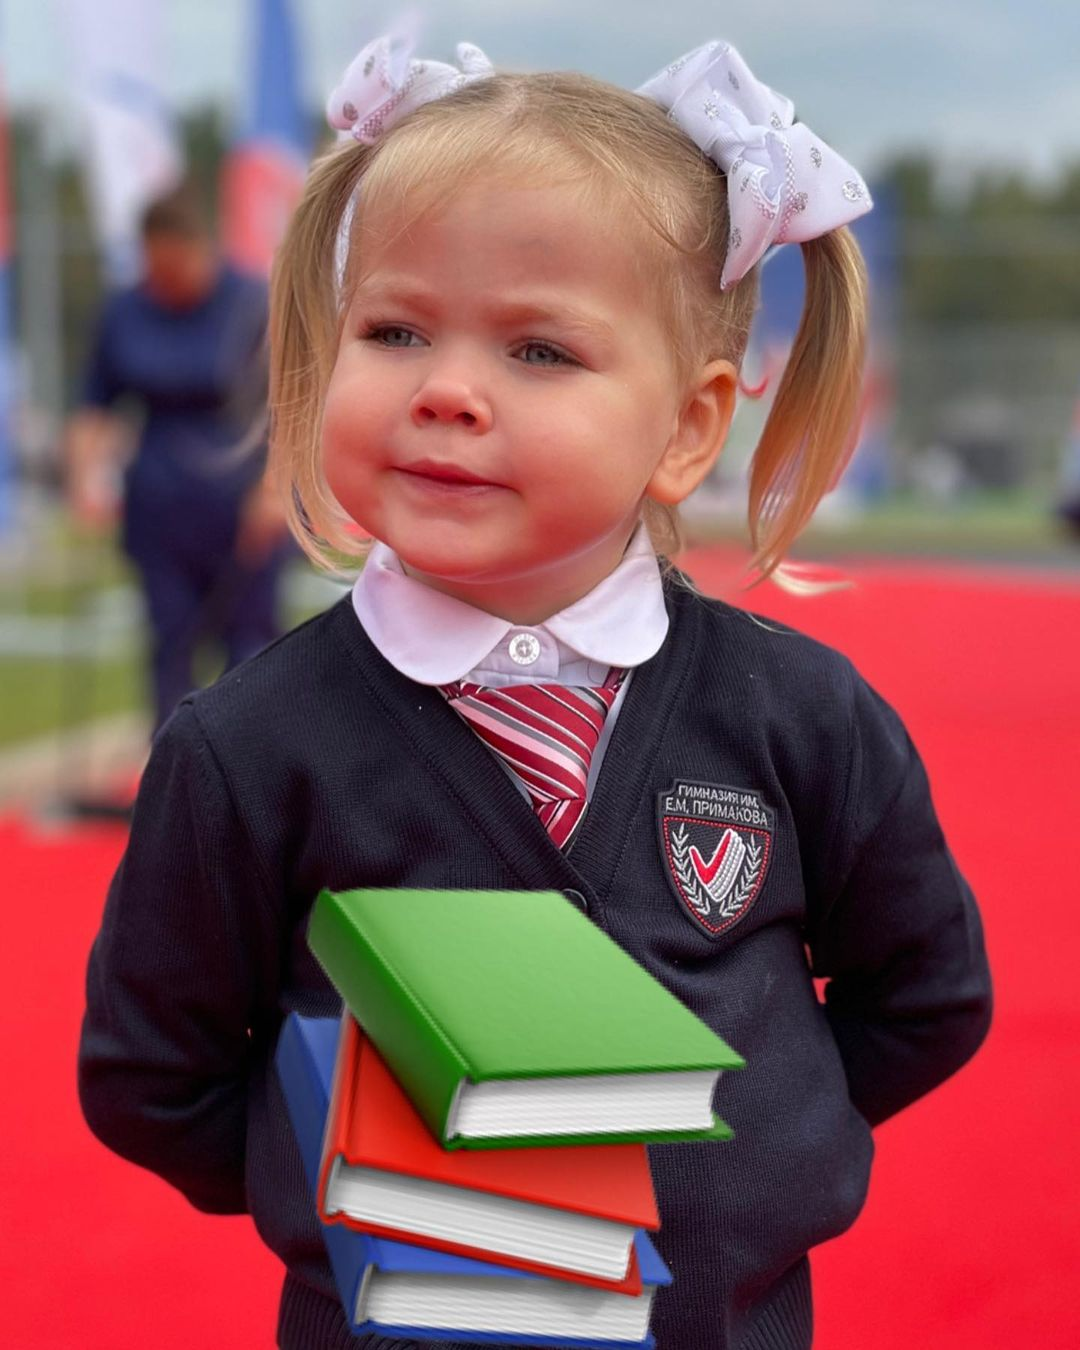 Лера Кудрявцева отправила 3-летнюю дочку Машу в гимназию